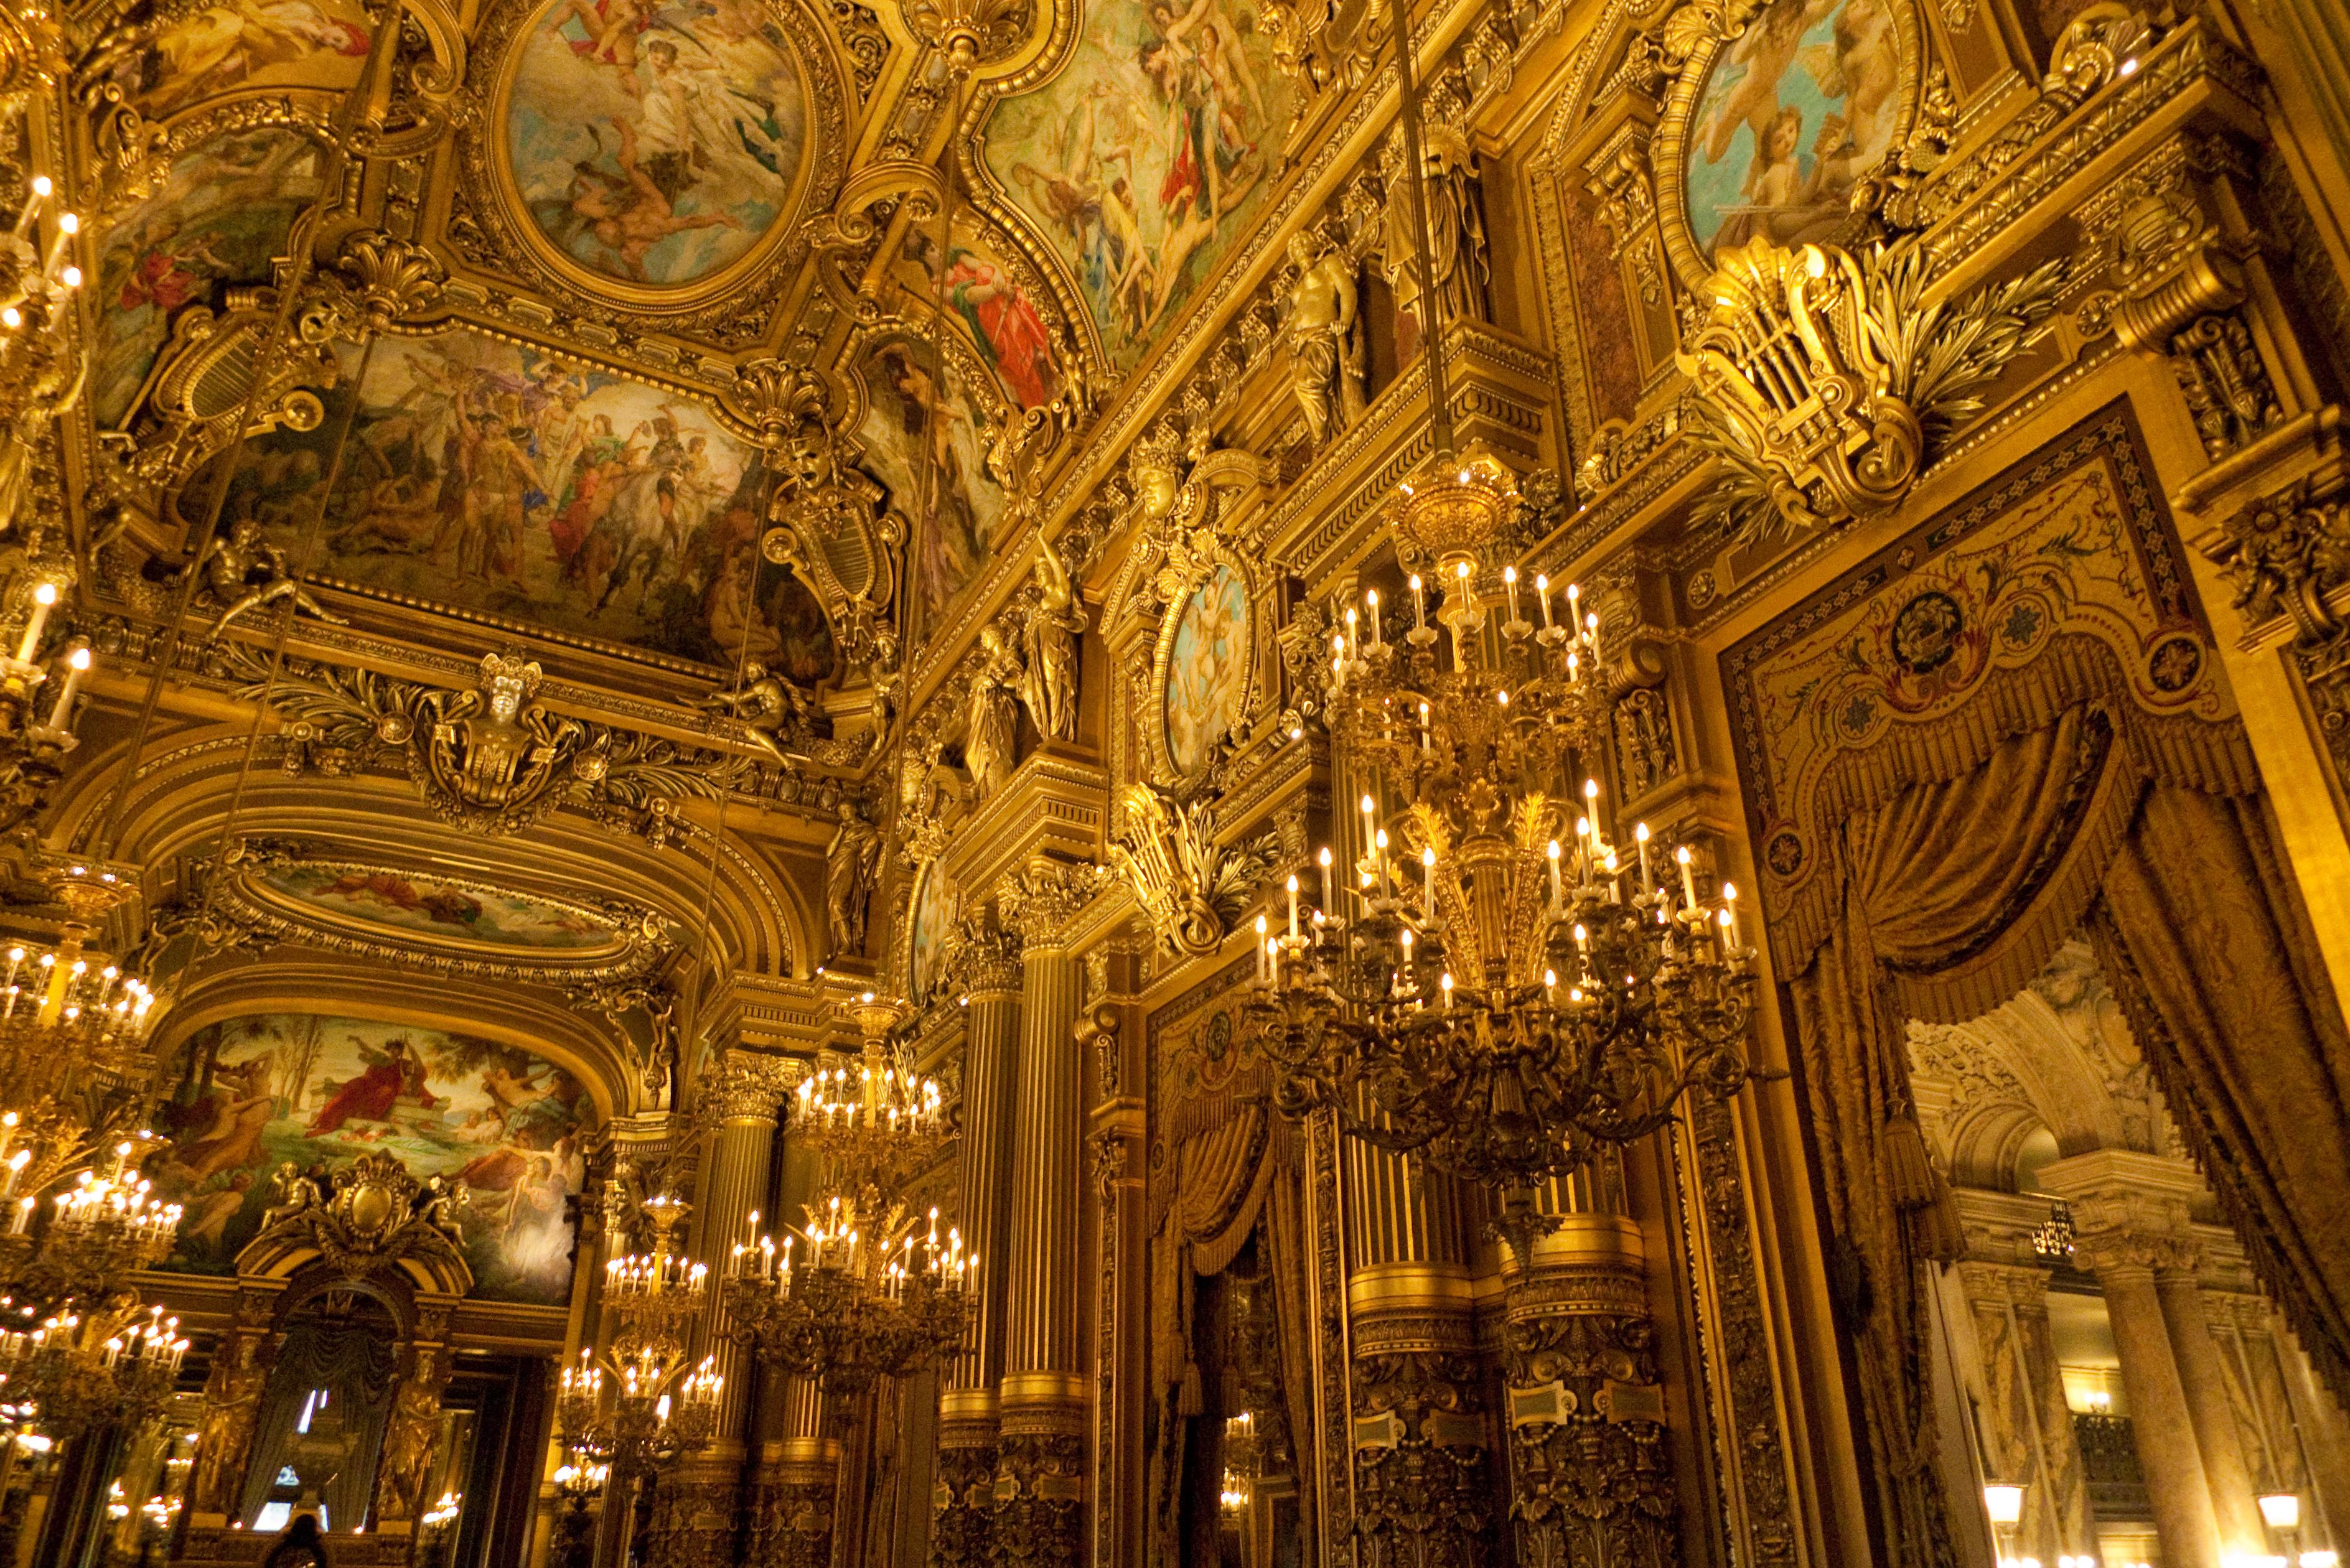 Visite Palais Garnier lors d'un weekend en amoureux à Paris